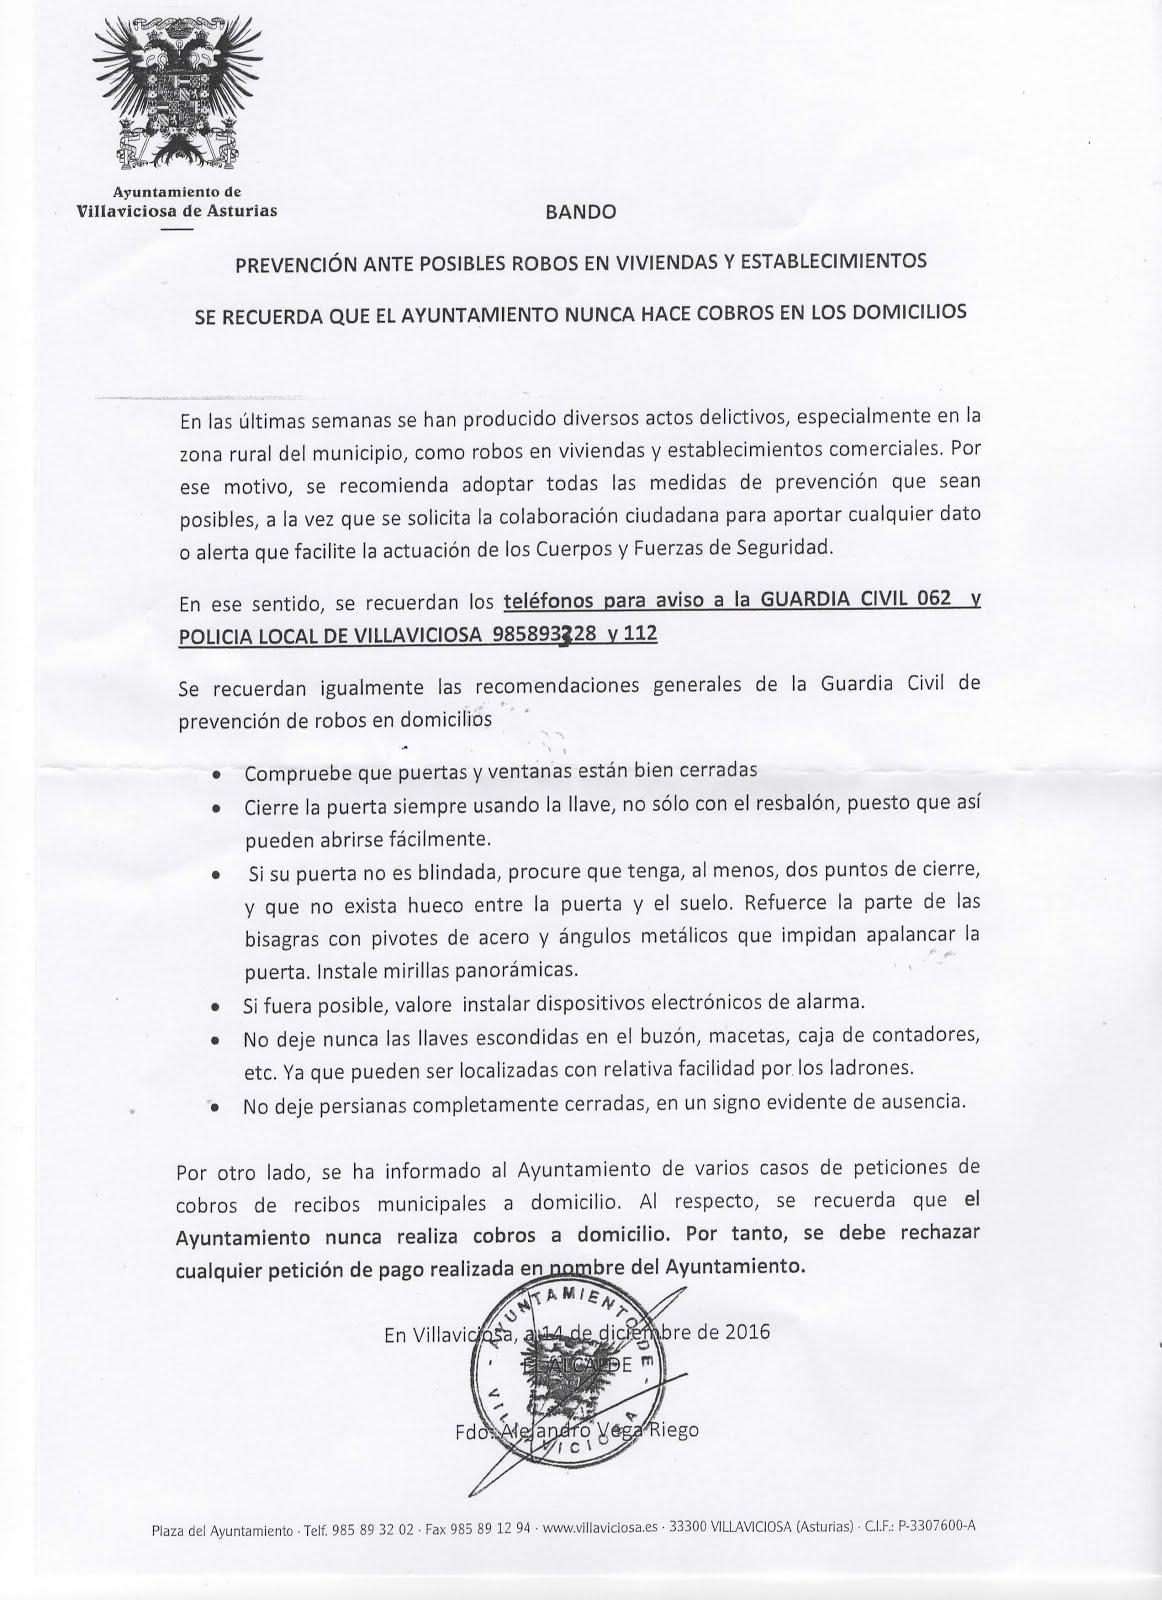 BANDO PREVENCIÓN DE ROBOS